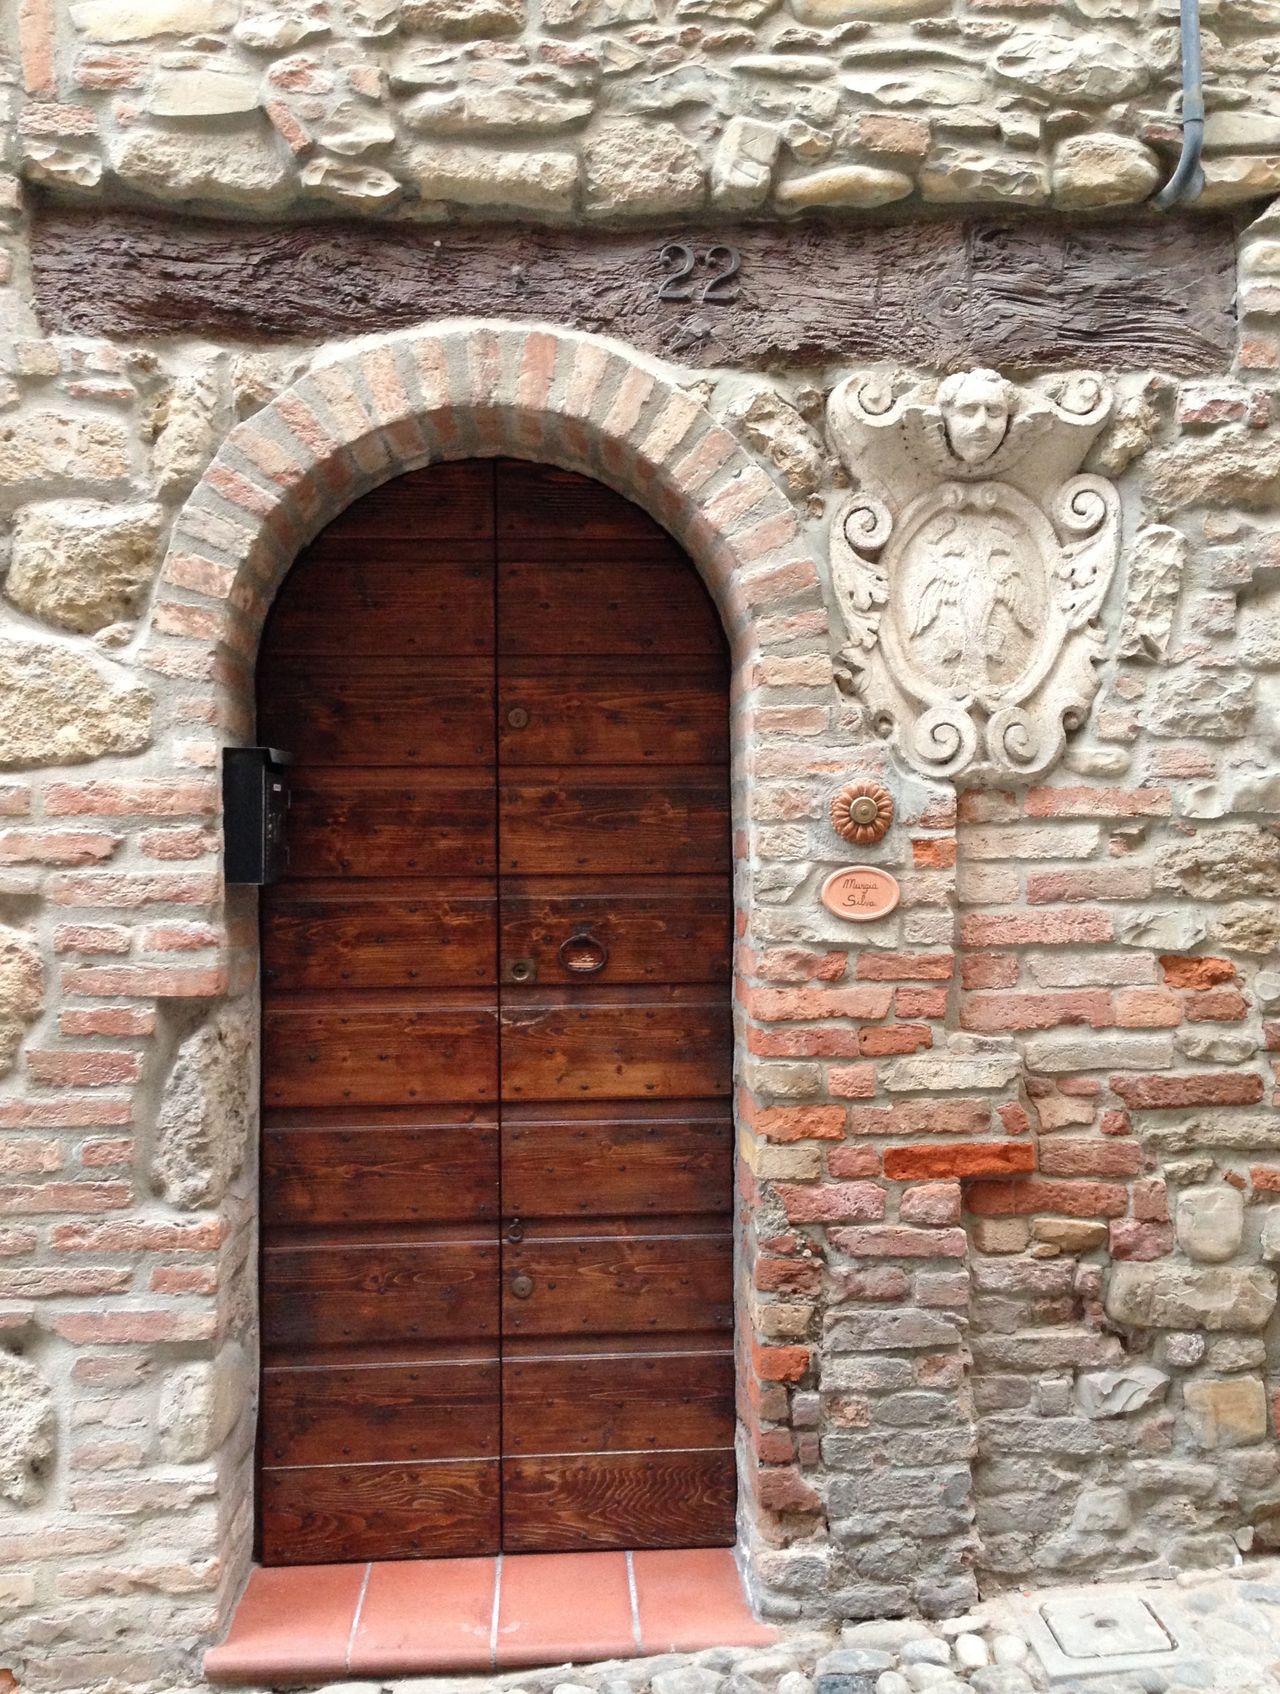 Castello D'Arquato Emiliaromagna Borgo Medievale Borgo Più Bello Porta Door Dettaglio